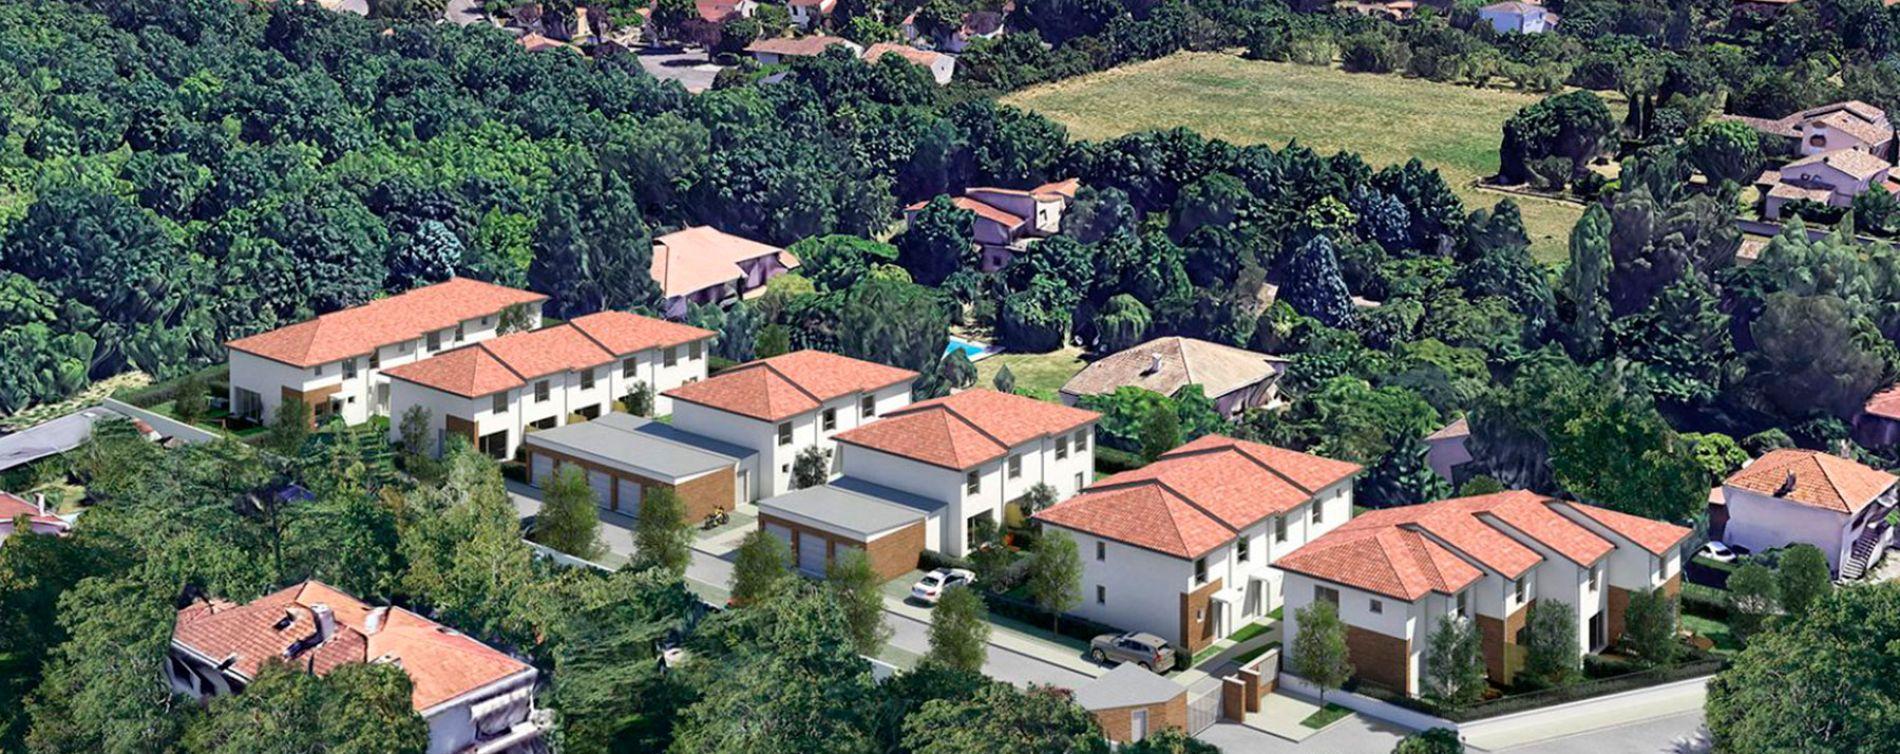 Résidence Villas des Carmes à Toulouse